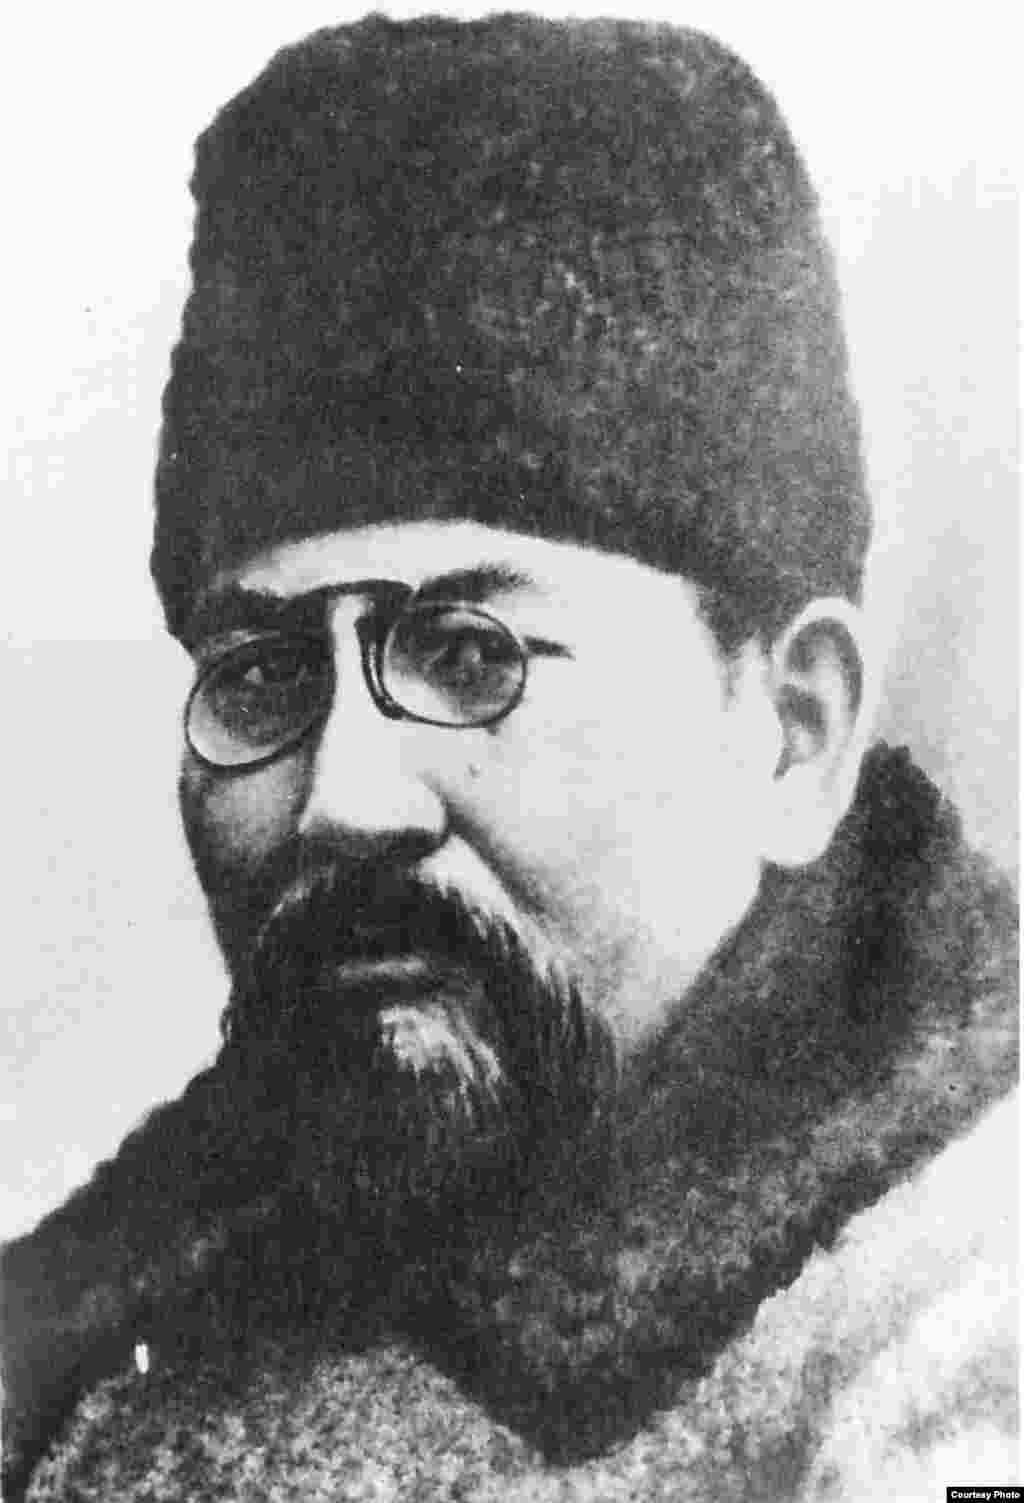 """Ахмет Байтұрсынұлы, """"Қазақ"""" газетінің үш құрылтайшысының бірі, әрі 1913-1917 жылдардағы бас редакторы."""